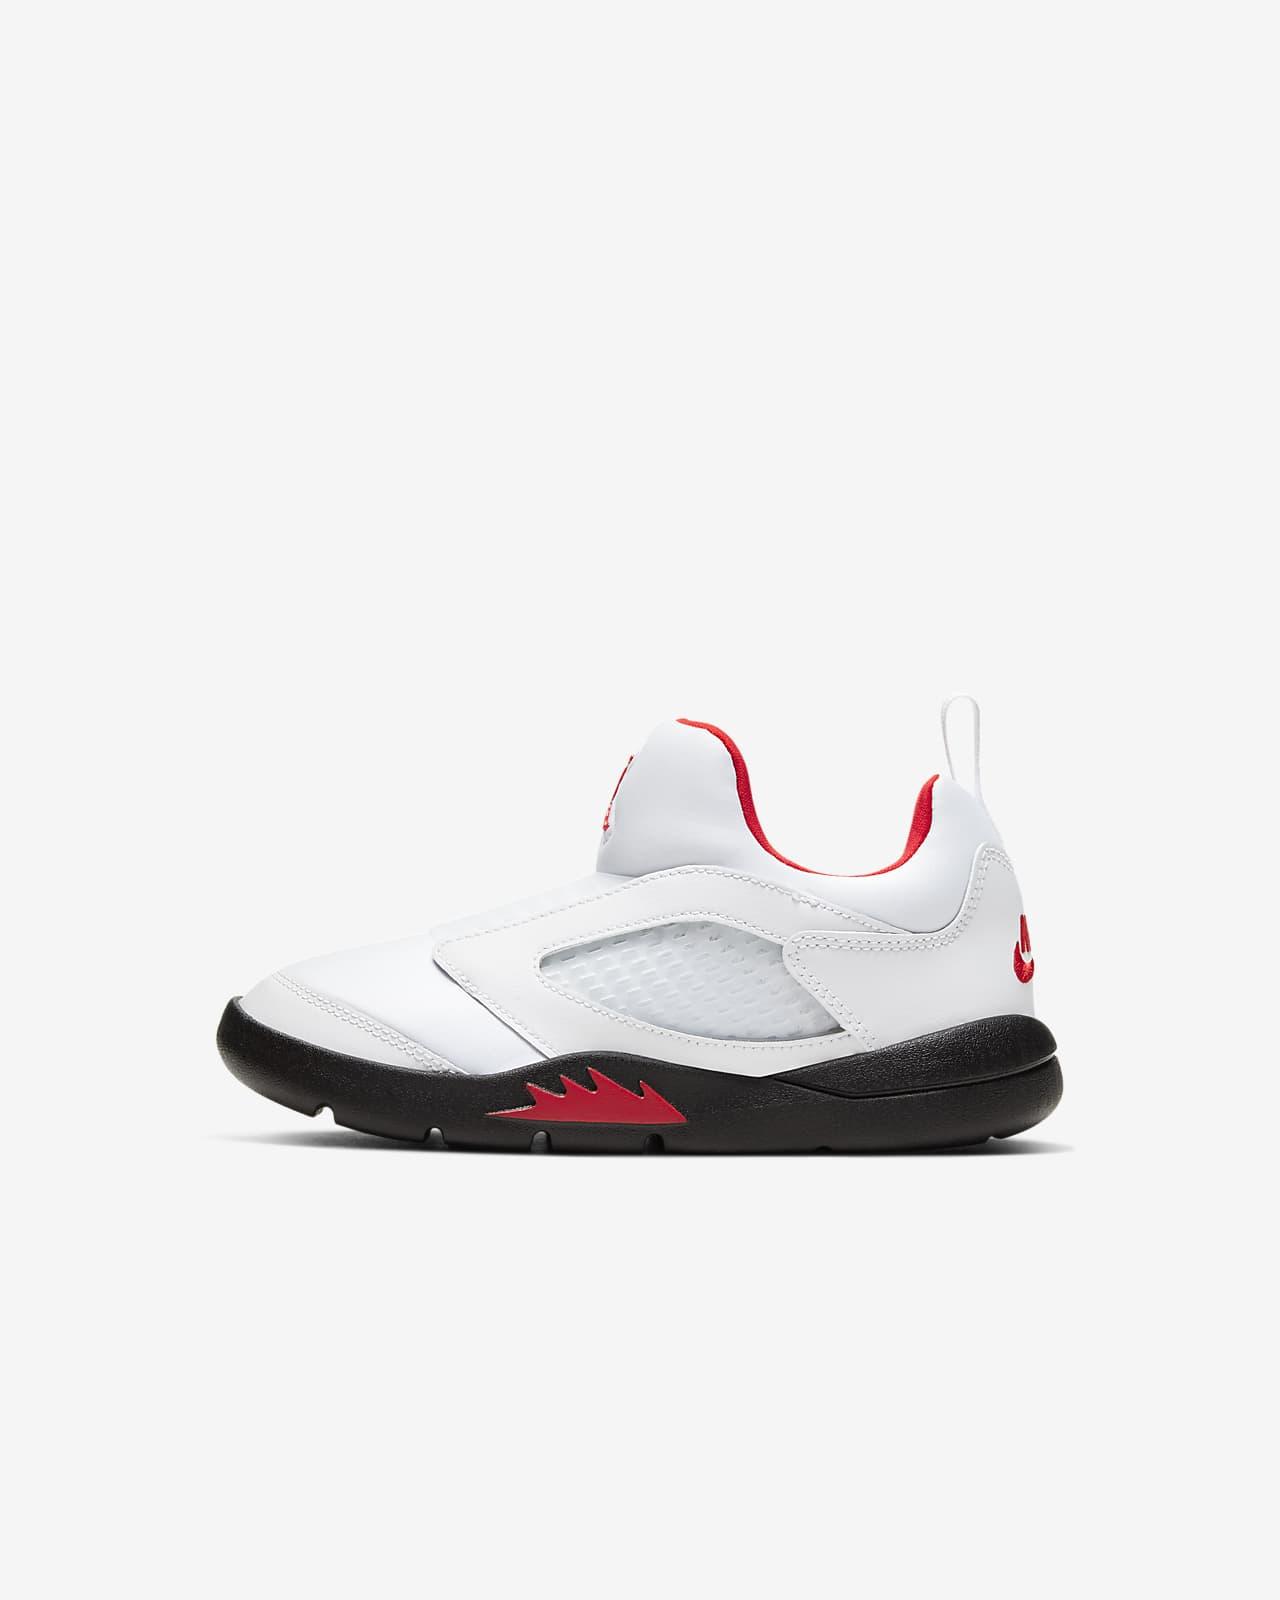 Παπούτσι Jordan 5 Retro Little Flex για μικρά παιδιά